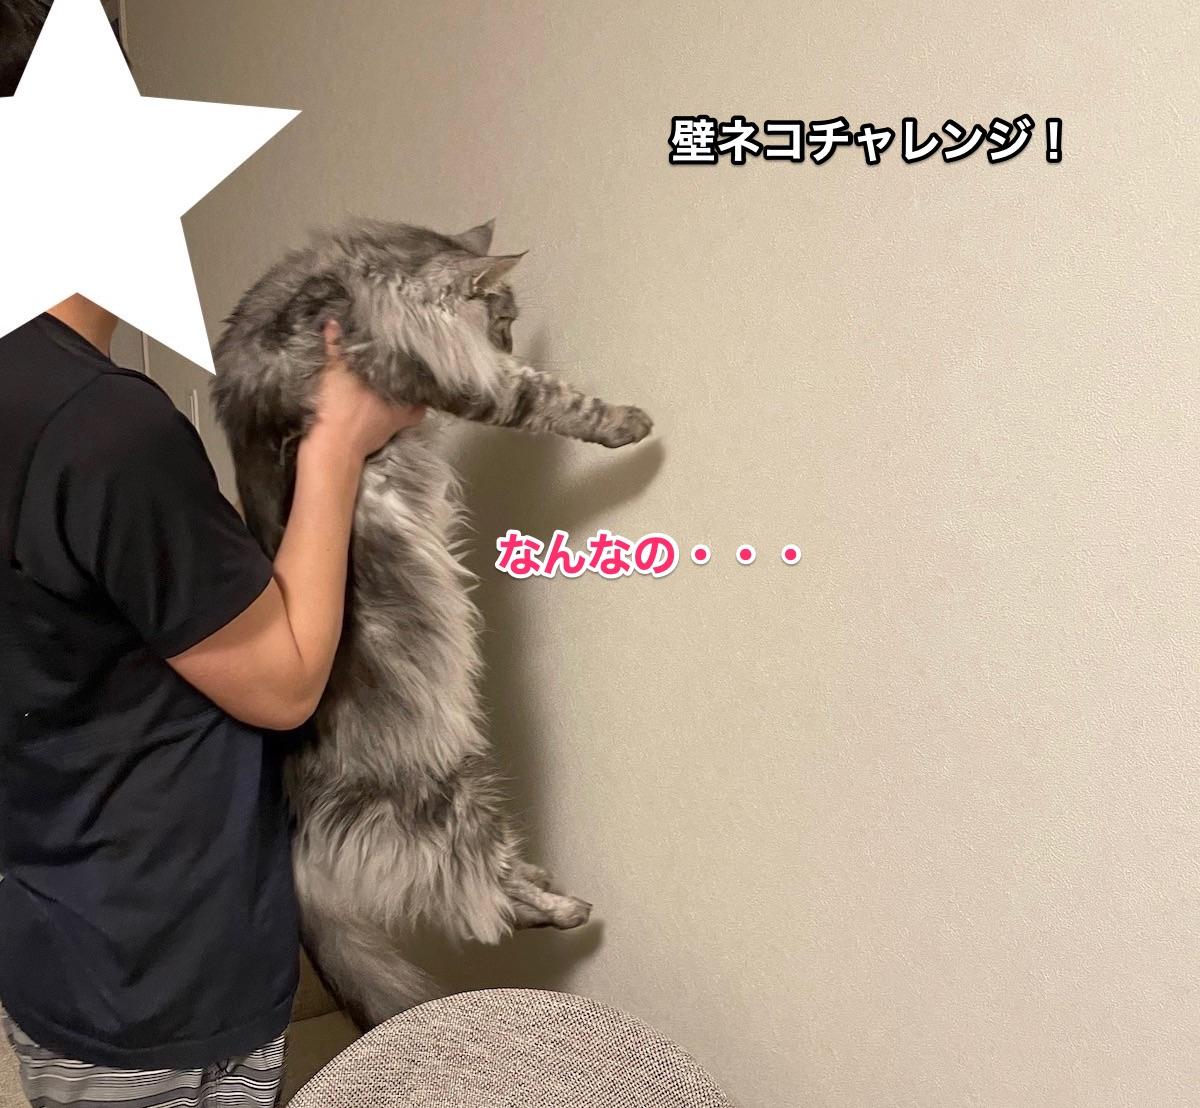 f:id:chikojirou:20210620214658j:plain